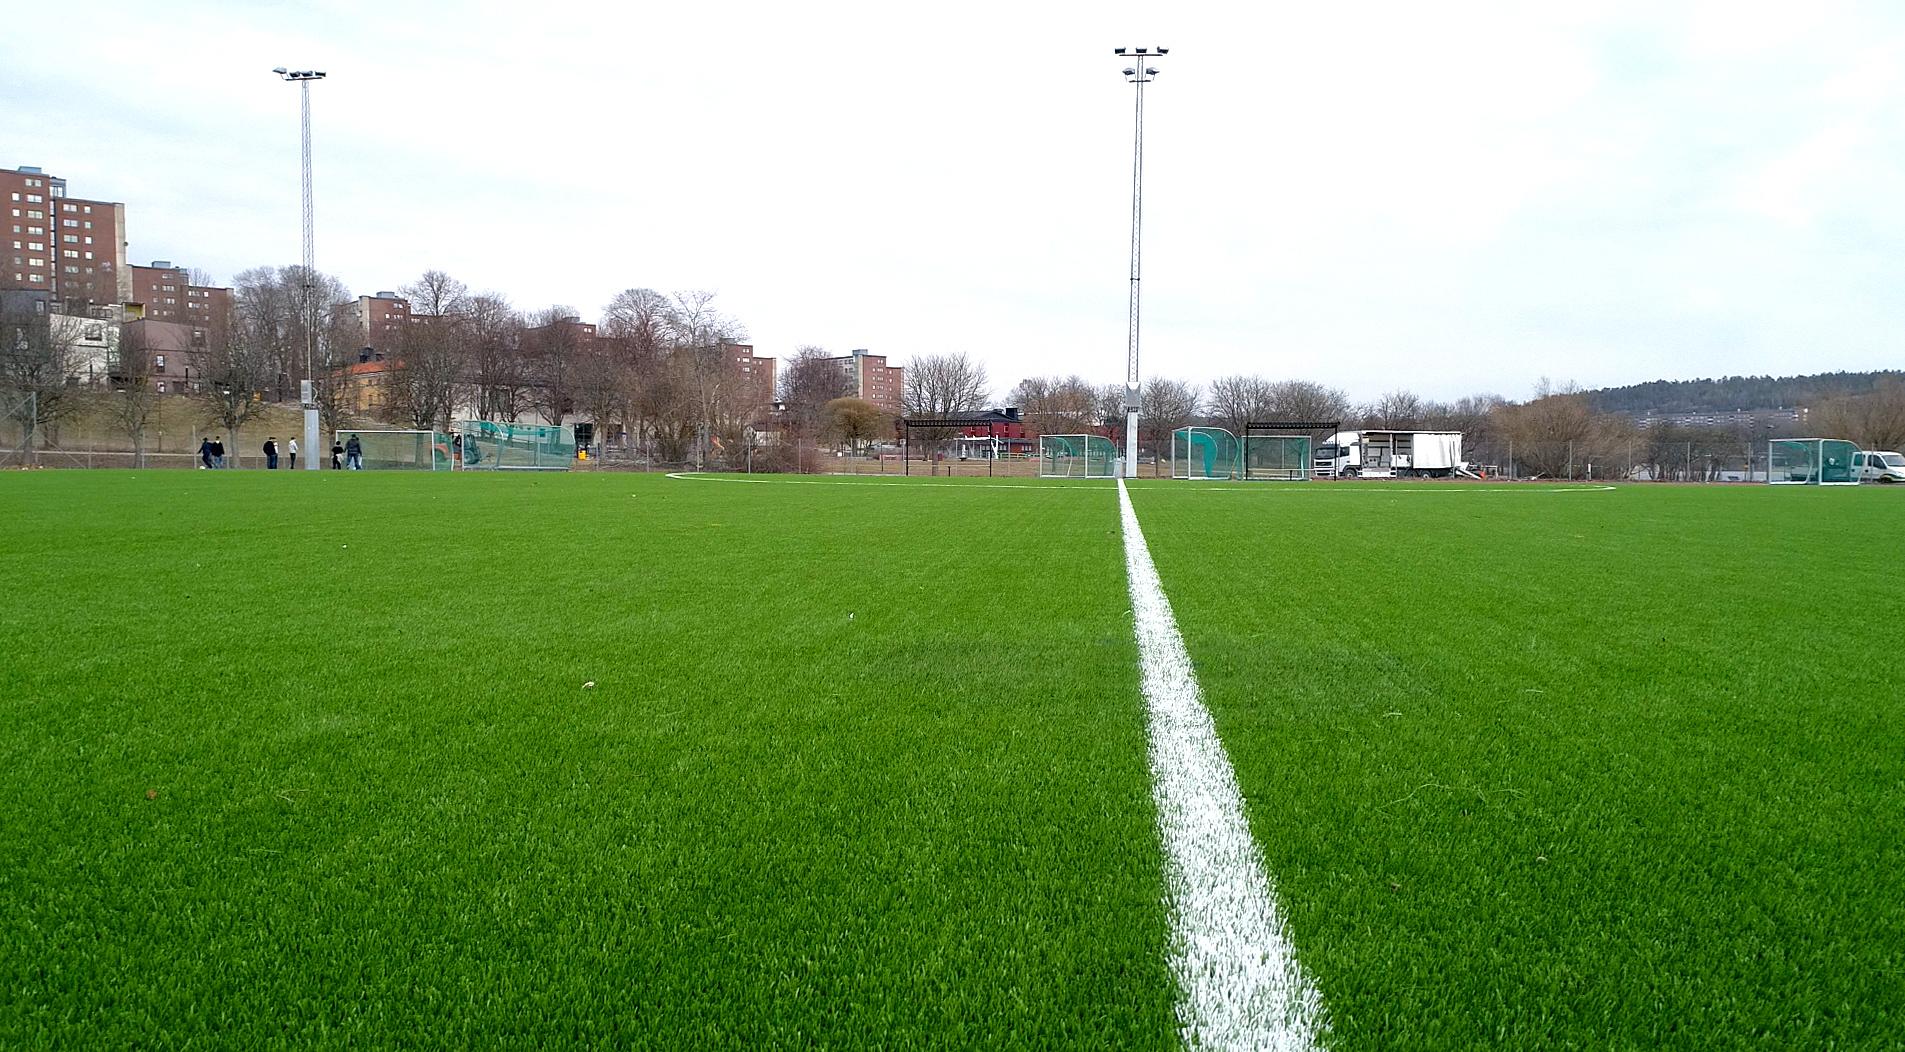 saltex biofill saltex legacy konstgräsplan miljövänlig unisport botkyrka kommun